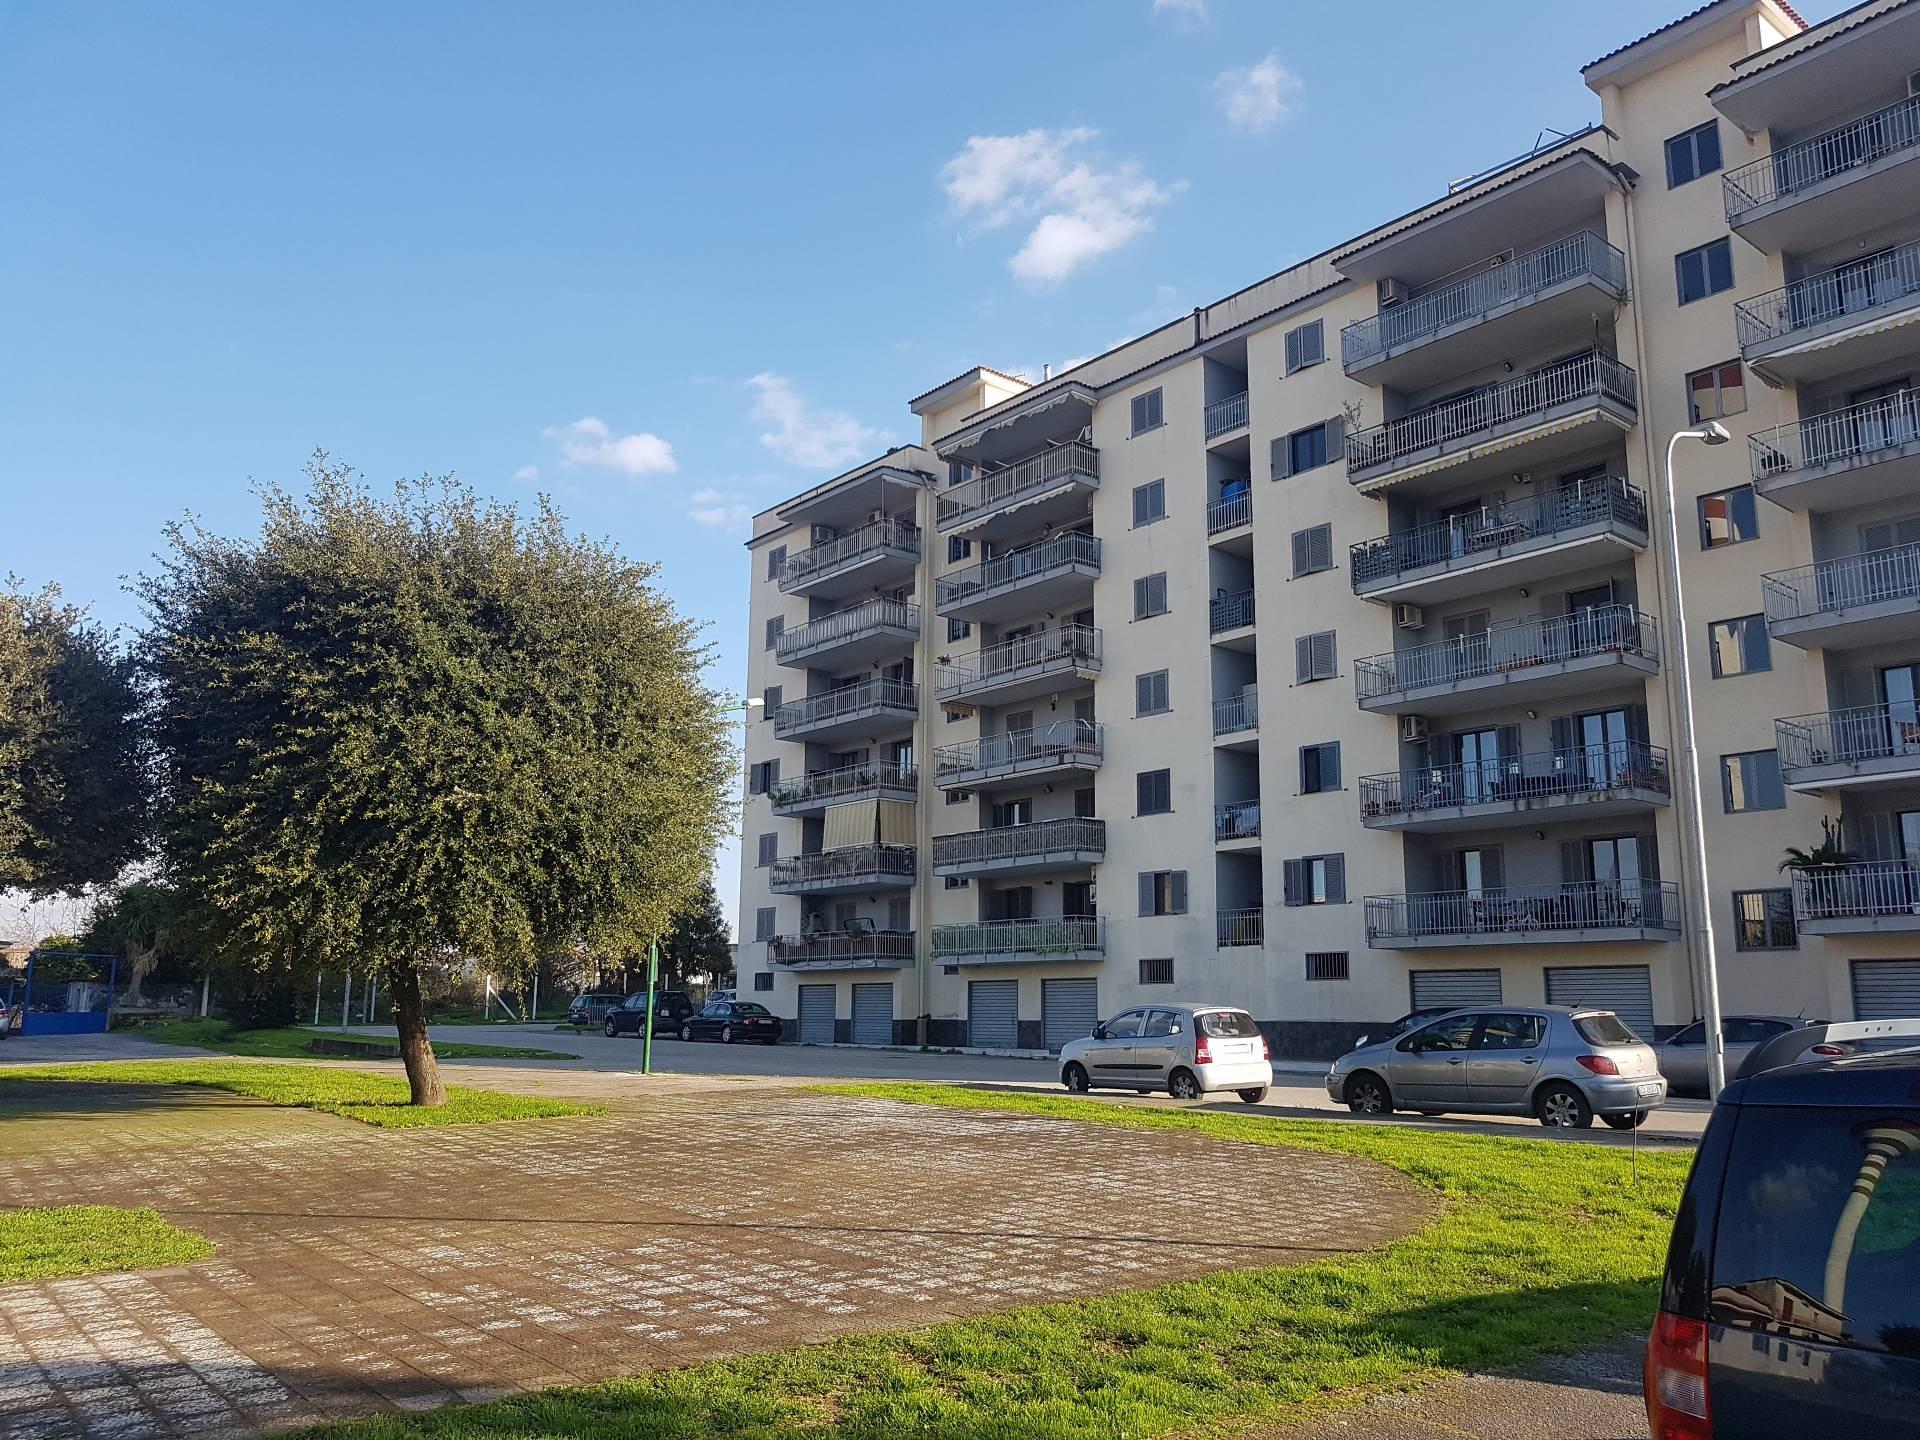 Appartamento in vendita a Brusciano, 4 locali, prezzo € 170.000 | CambioCasa.it